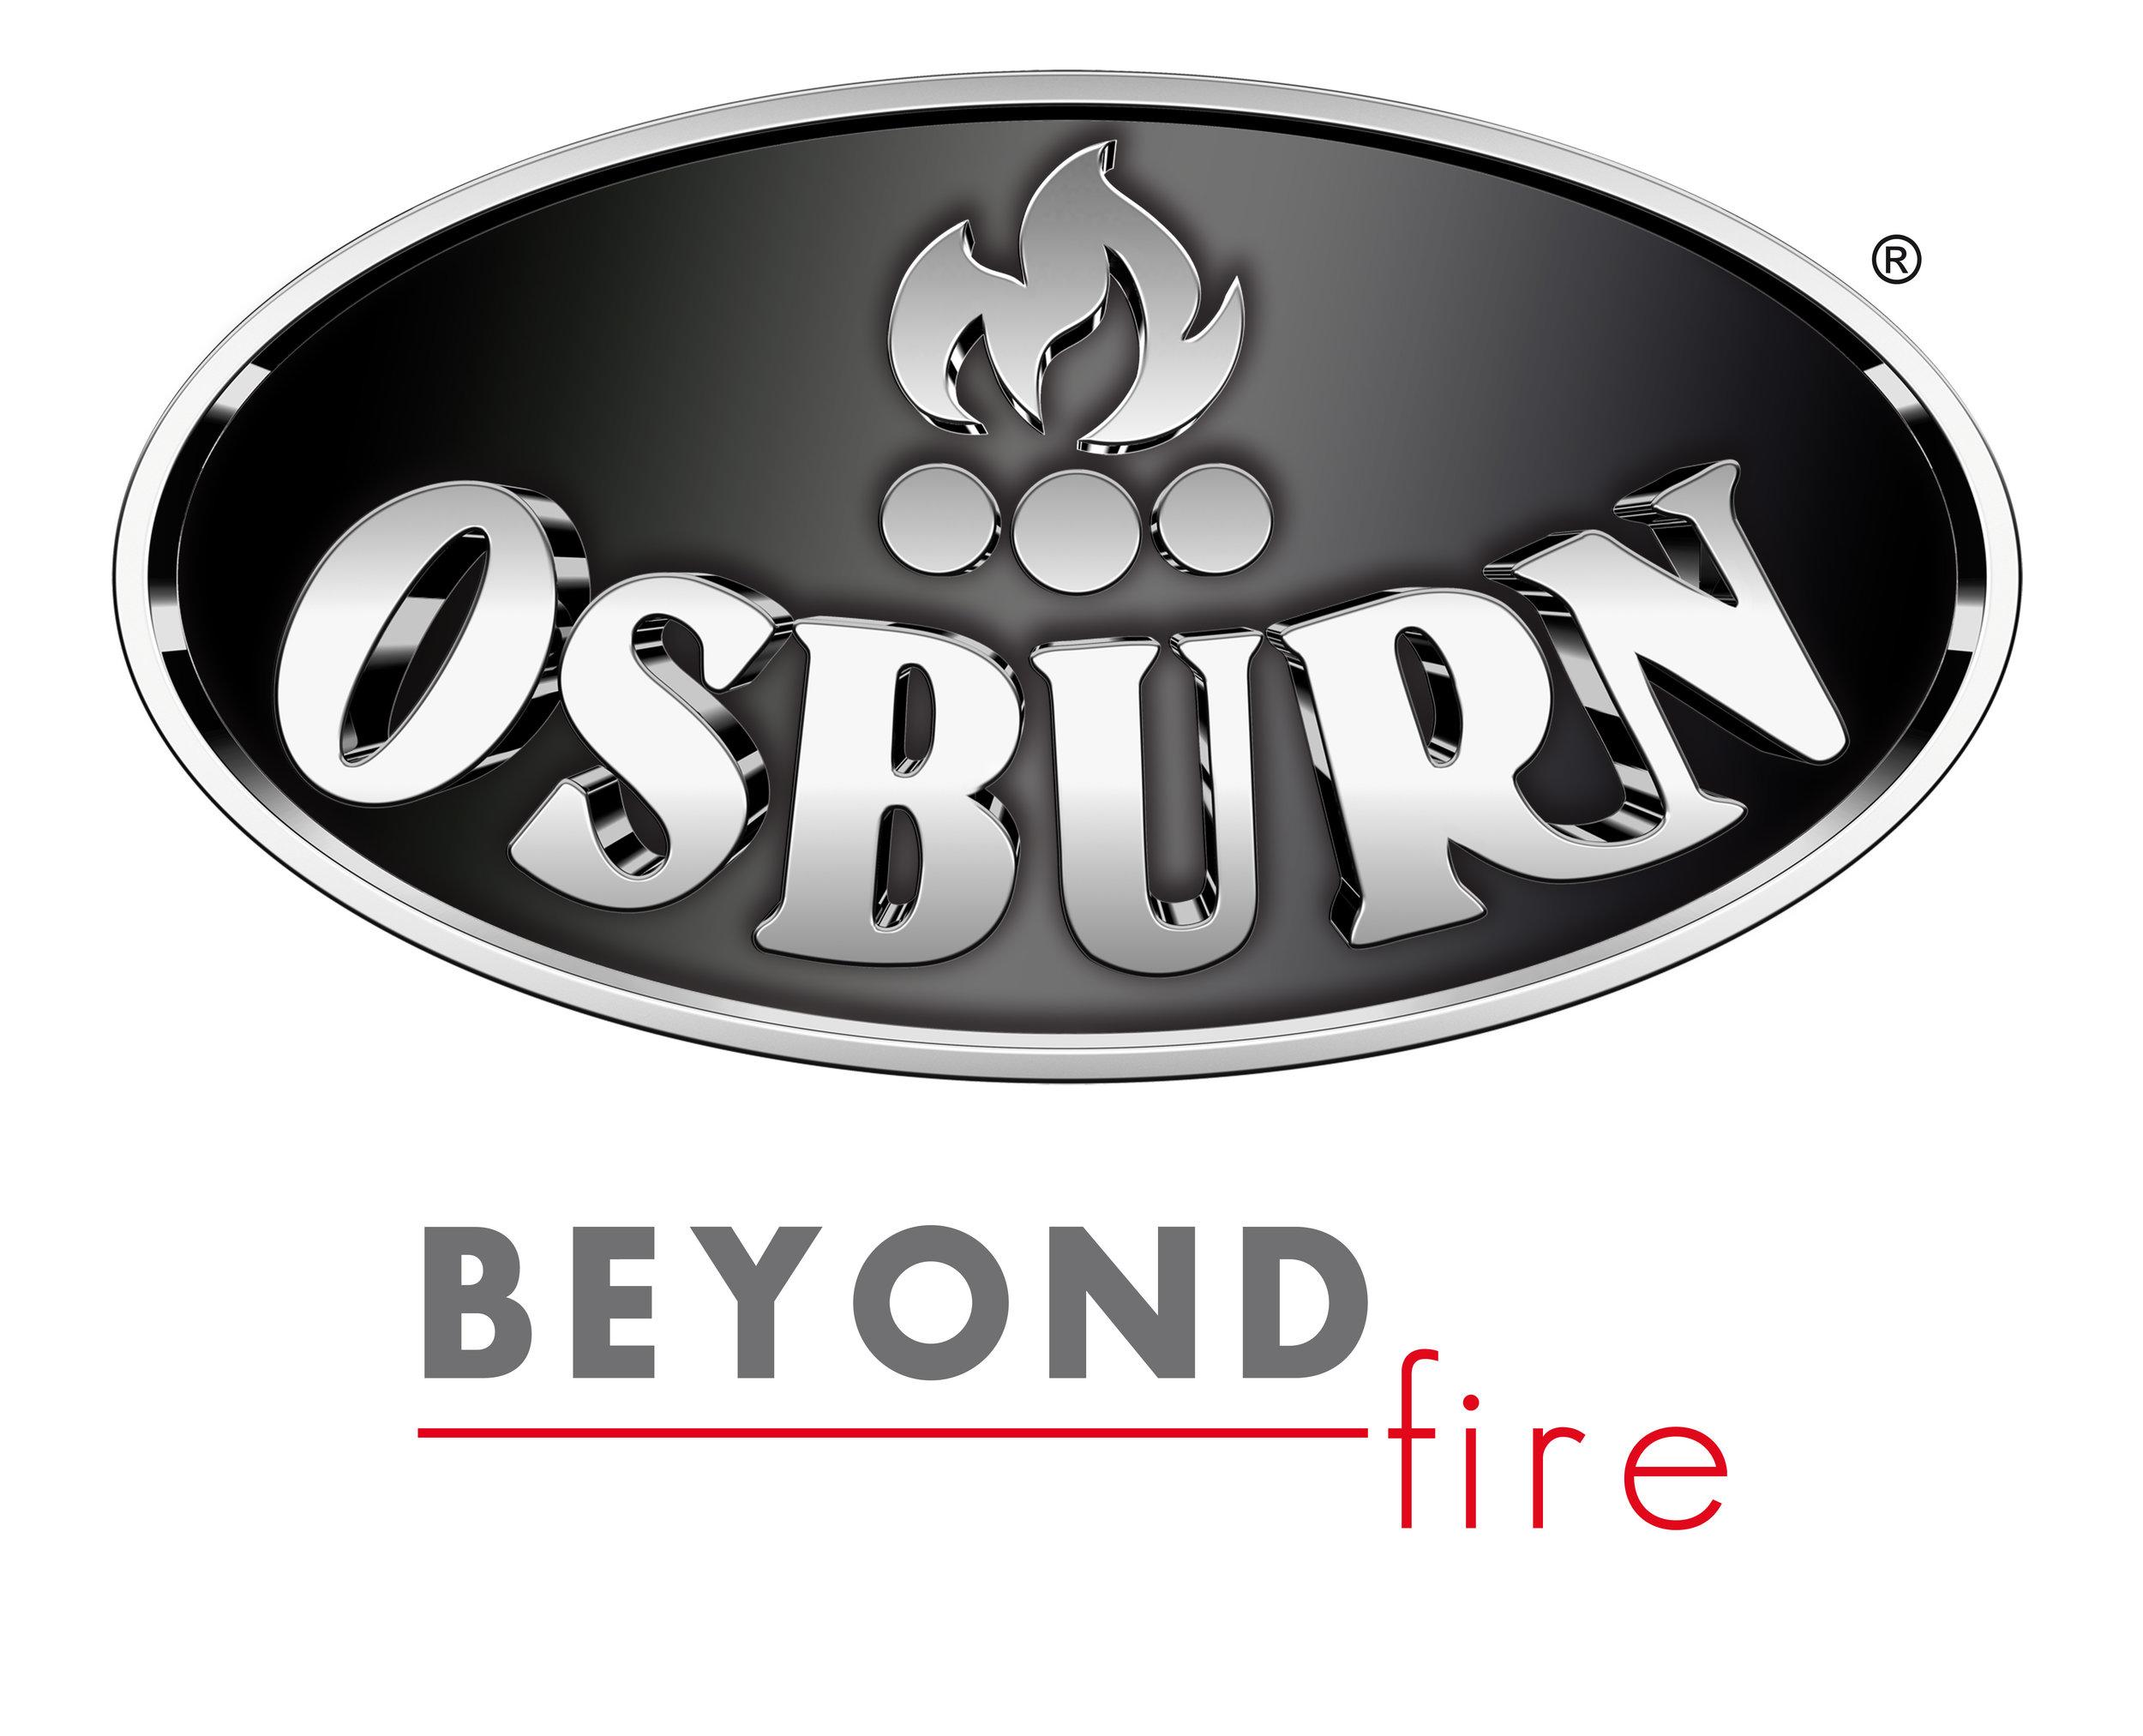 Logo_Osburn_Beyond_Fire sept 2014.jpg